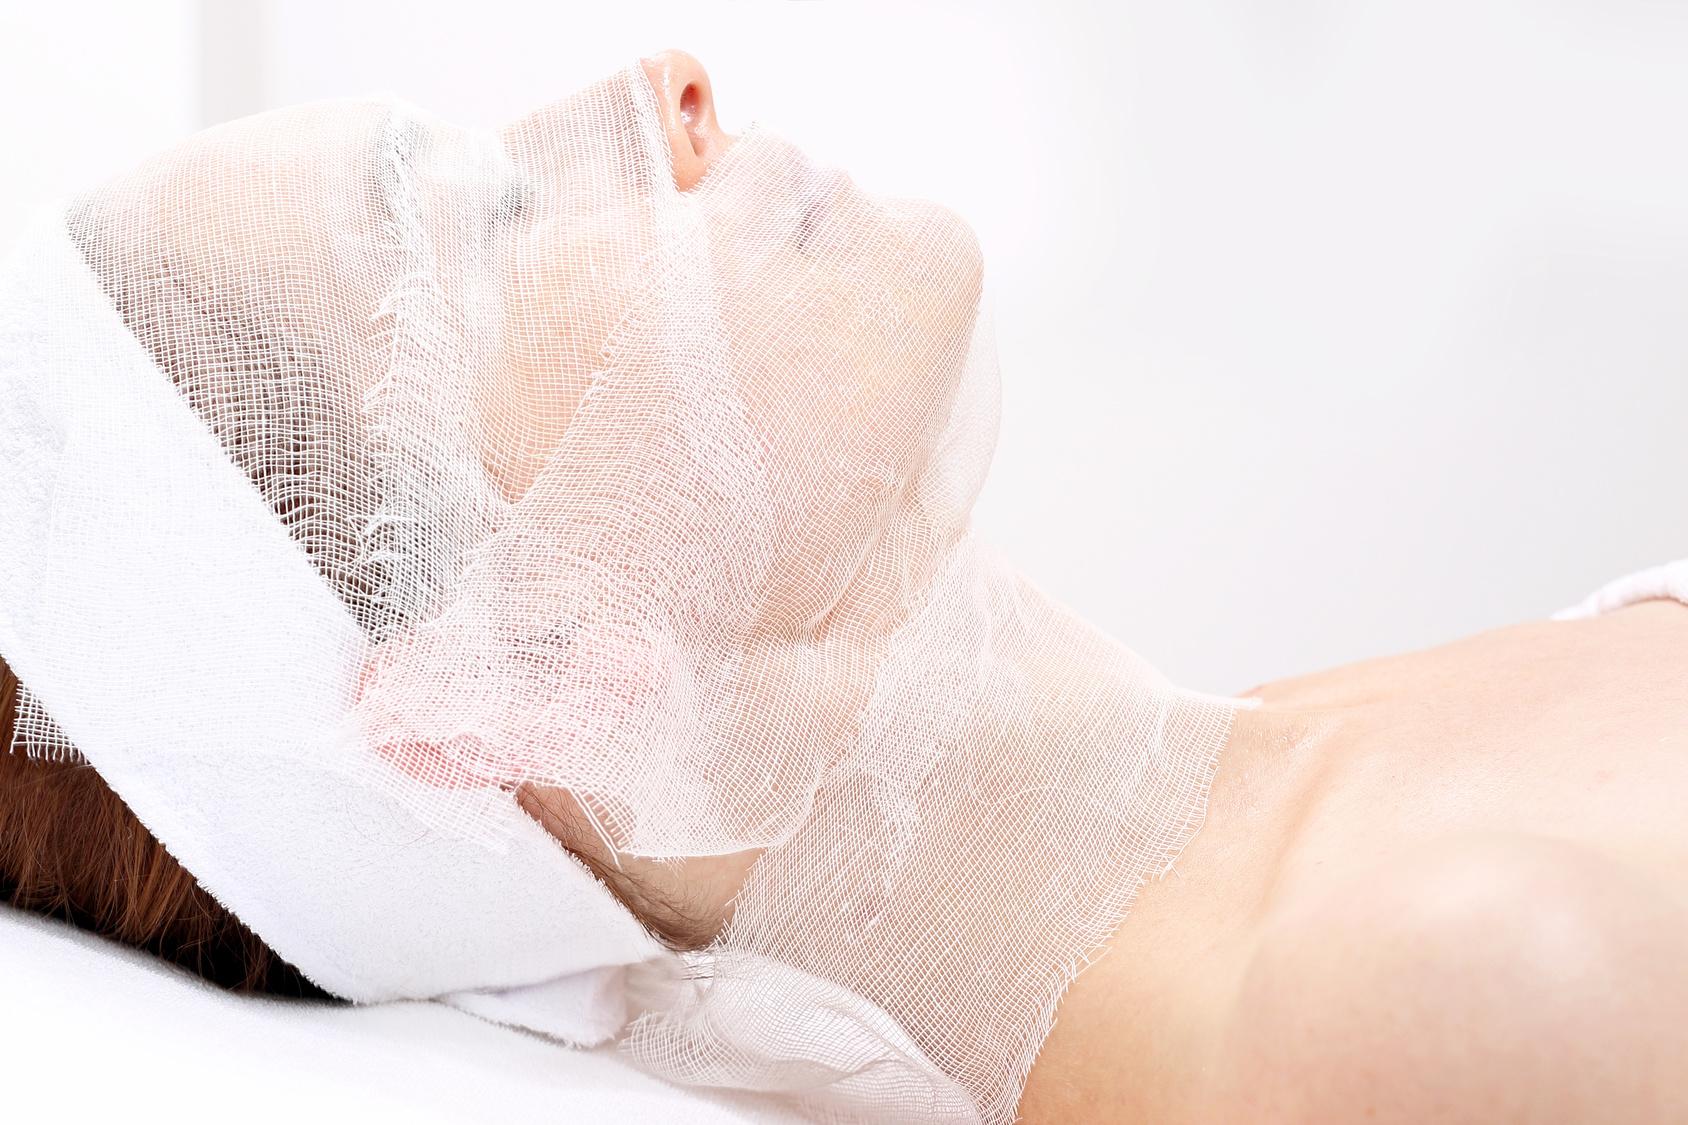 Odmładzanie skóry. Medycyna estetyczna